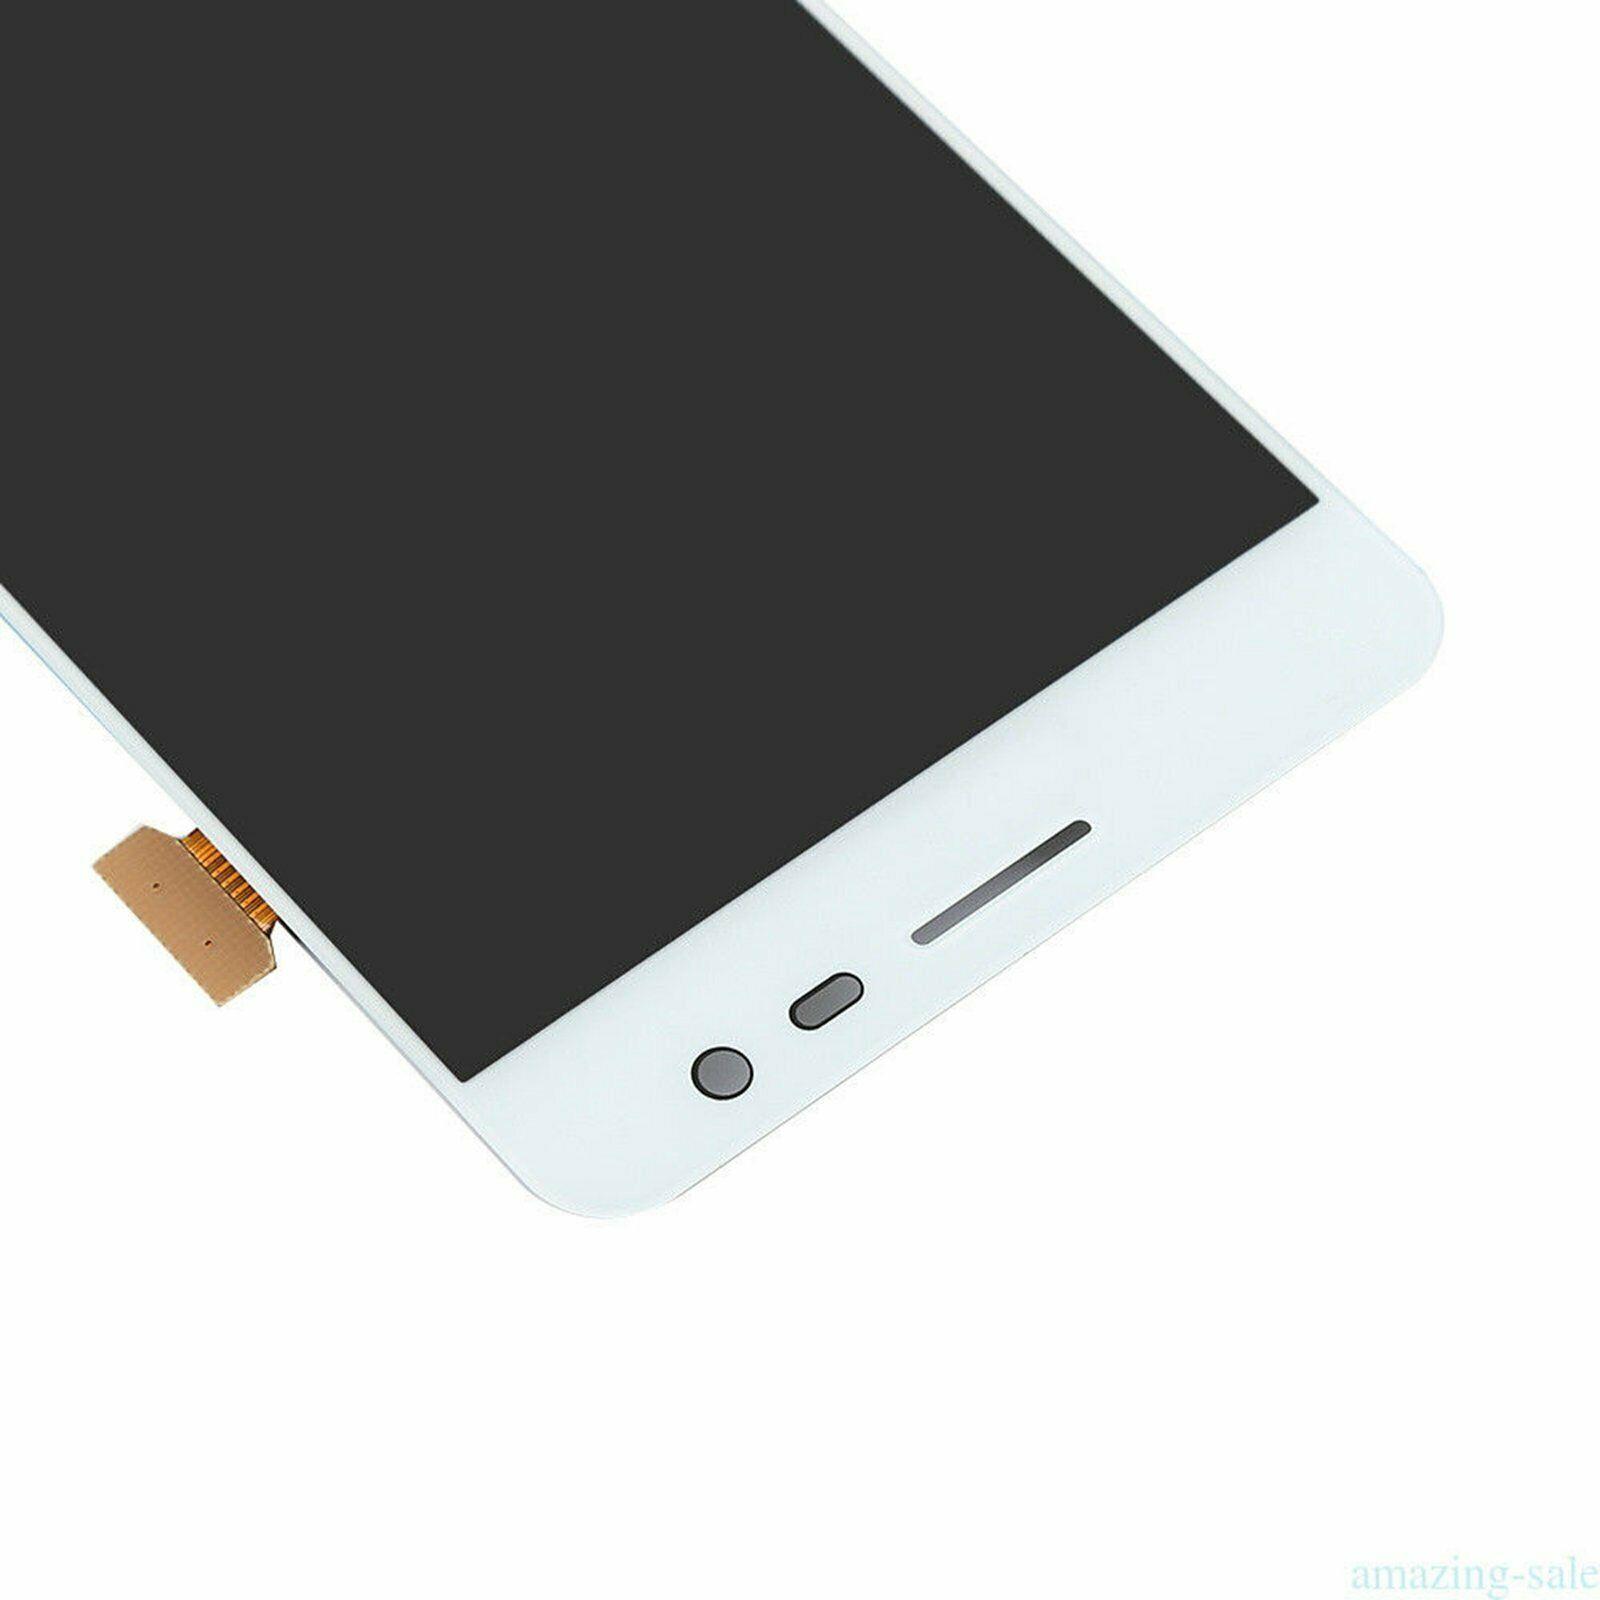 ال-سی-دی-تی-اف-تی-TFT-سامسونگ-گلکسی-جی-تری-پرو-Samsung-SM-J3110F-Galaxy-J3-Pro......jpg